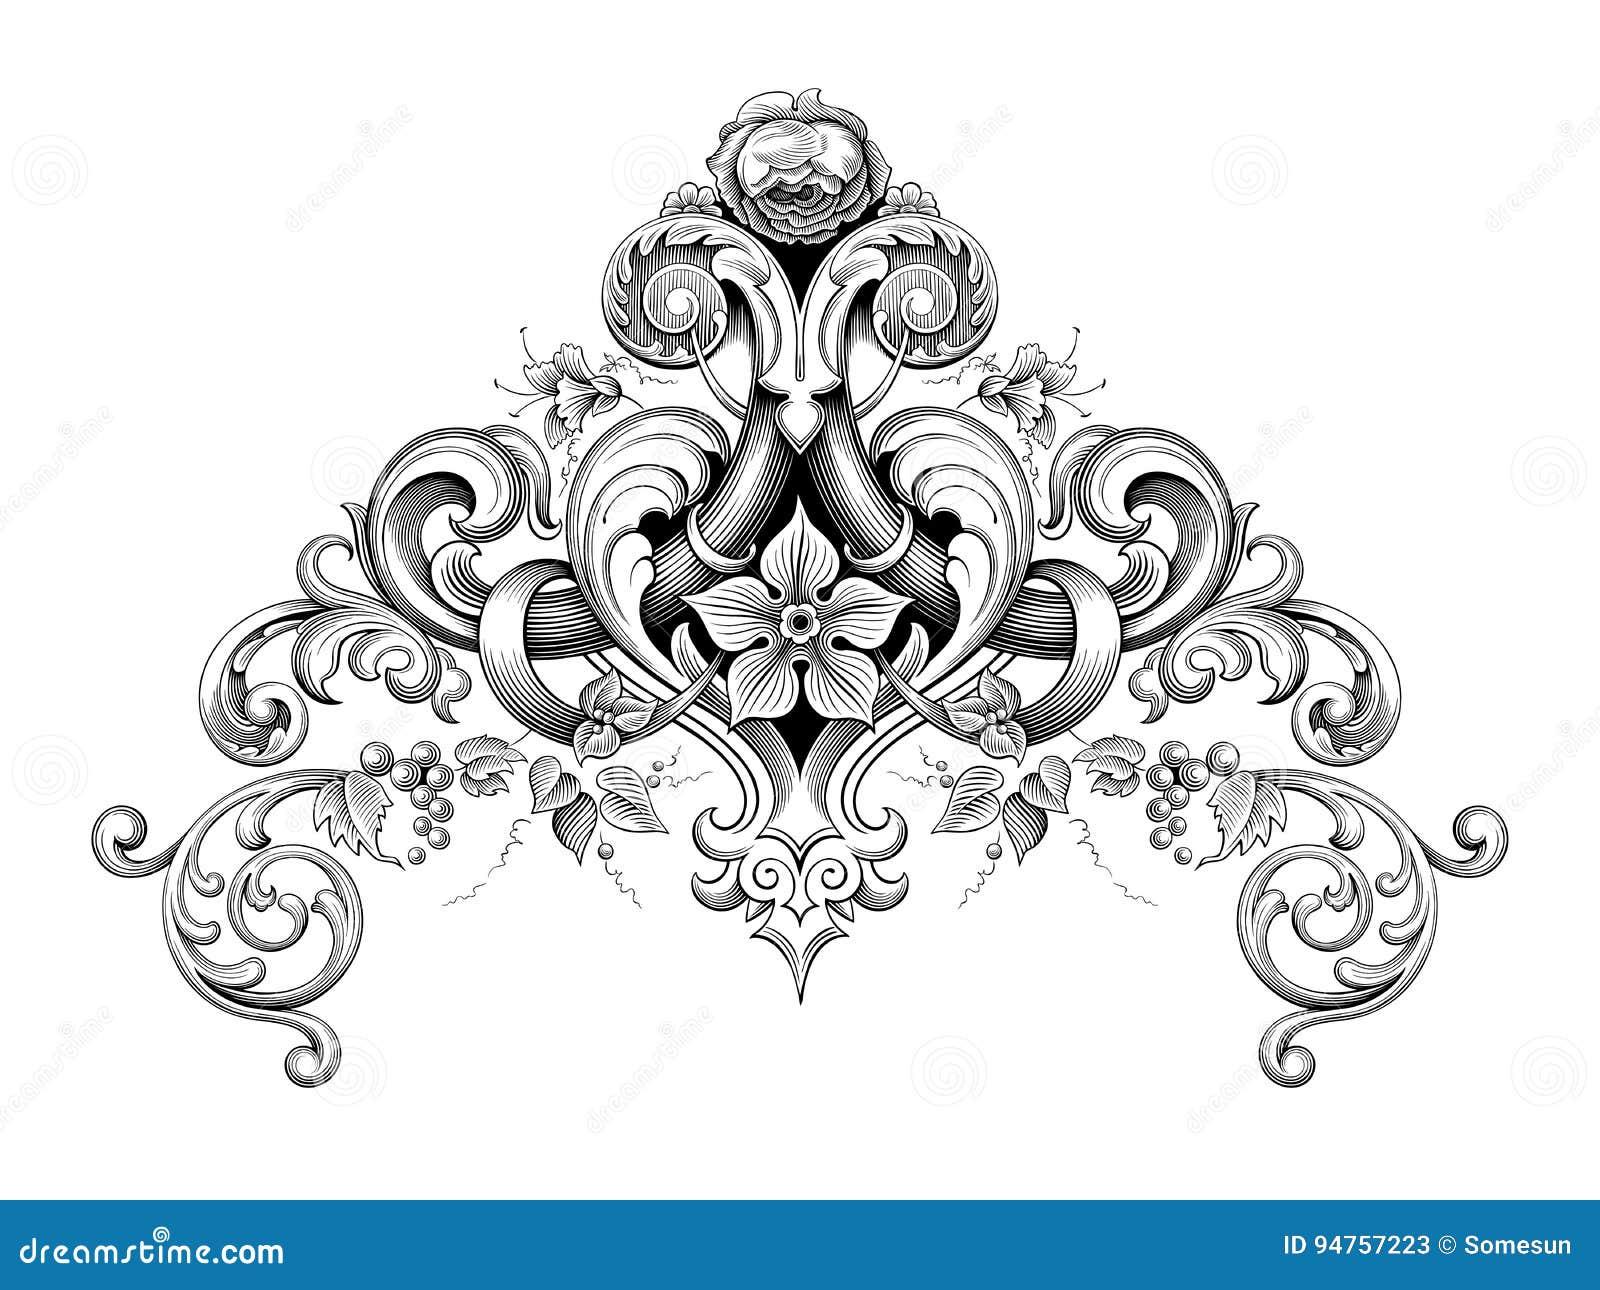 vintage baroque victorian frame border corner monogram floral ornament scroll engraved pattern